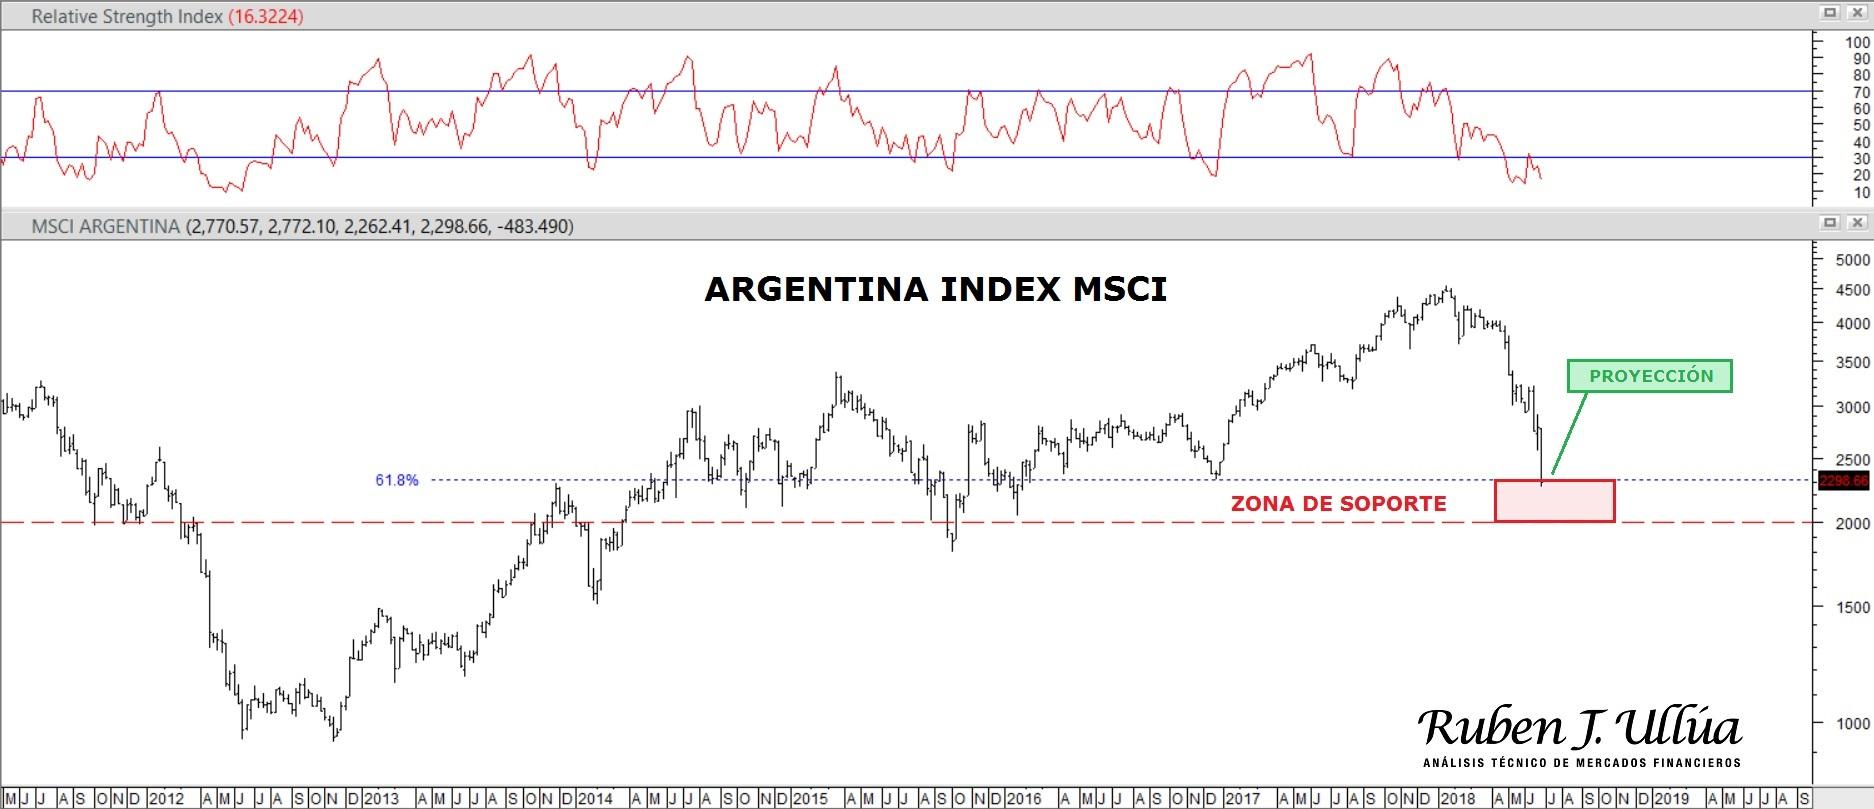 msci index argentina